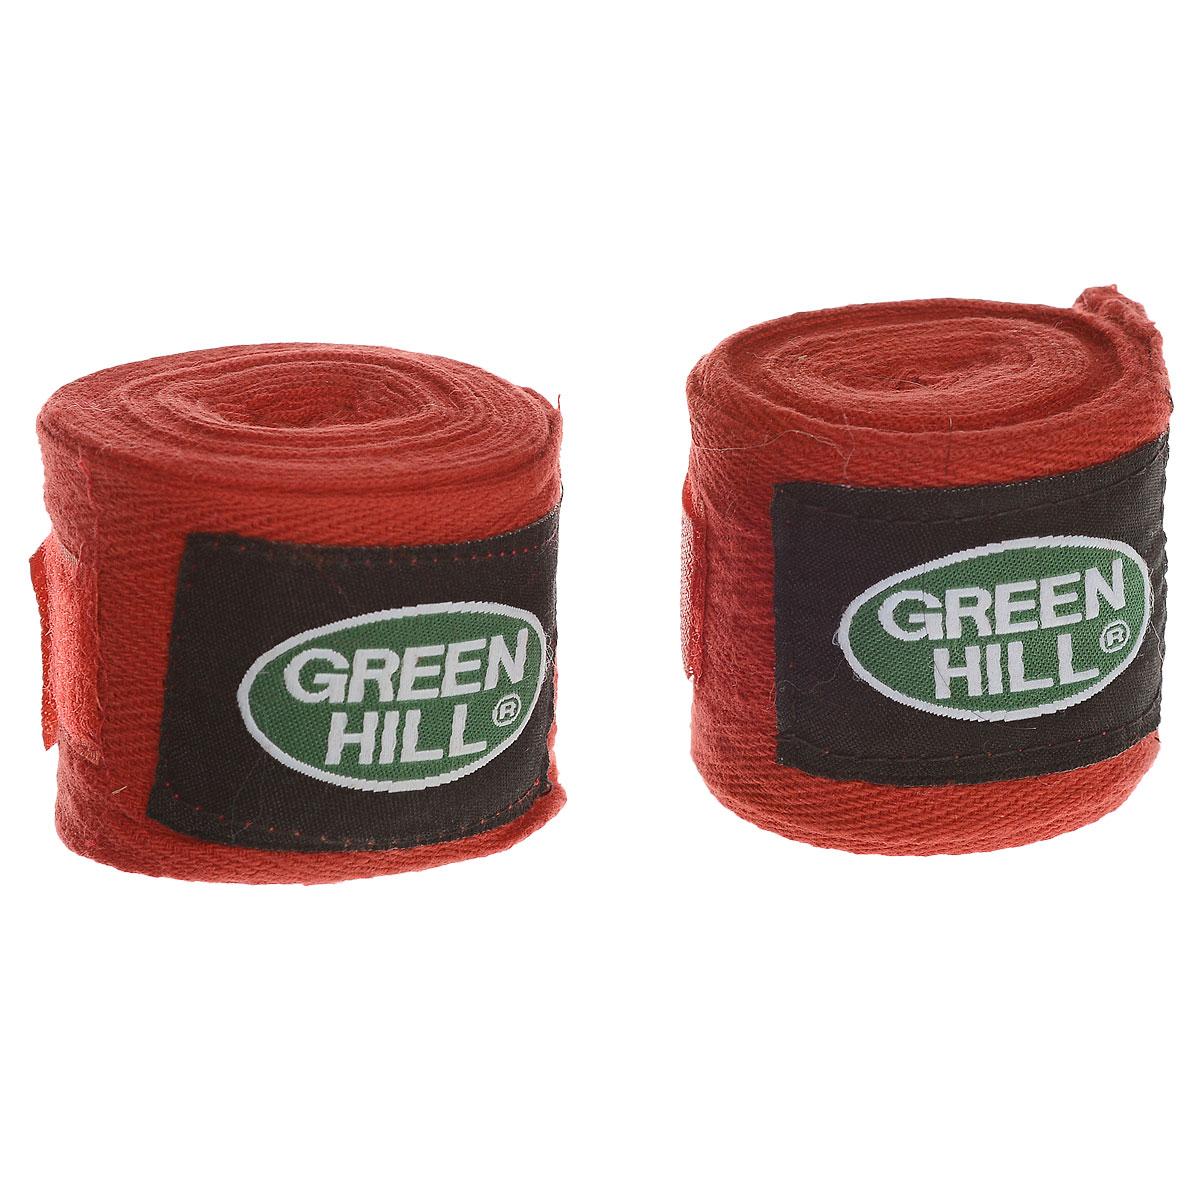 Бинты боксерские Green Hill, хлопок, цвет: красный, 2,5 м, 2 шт